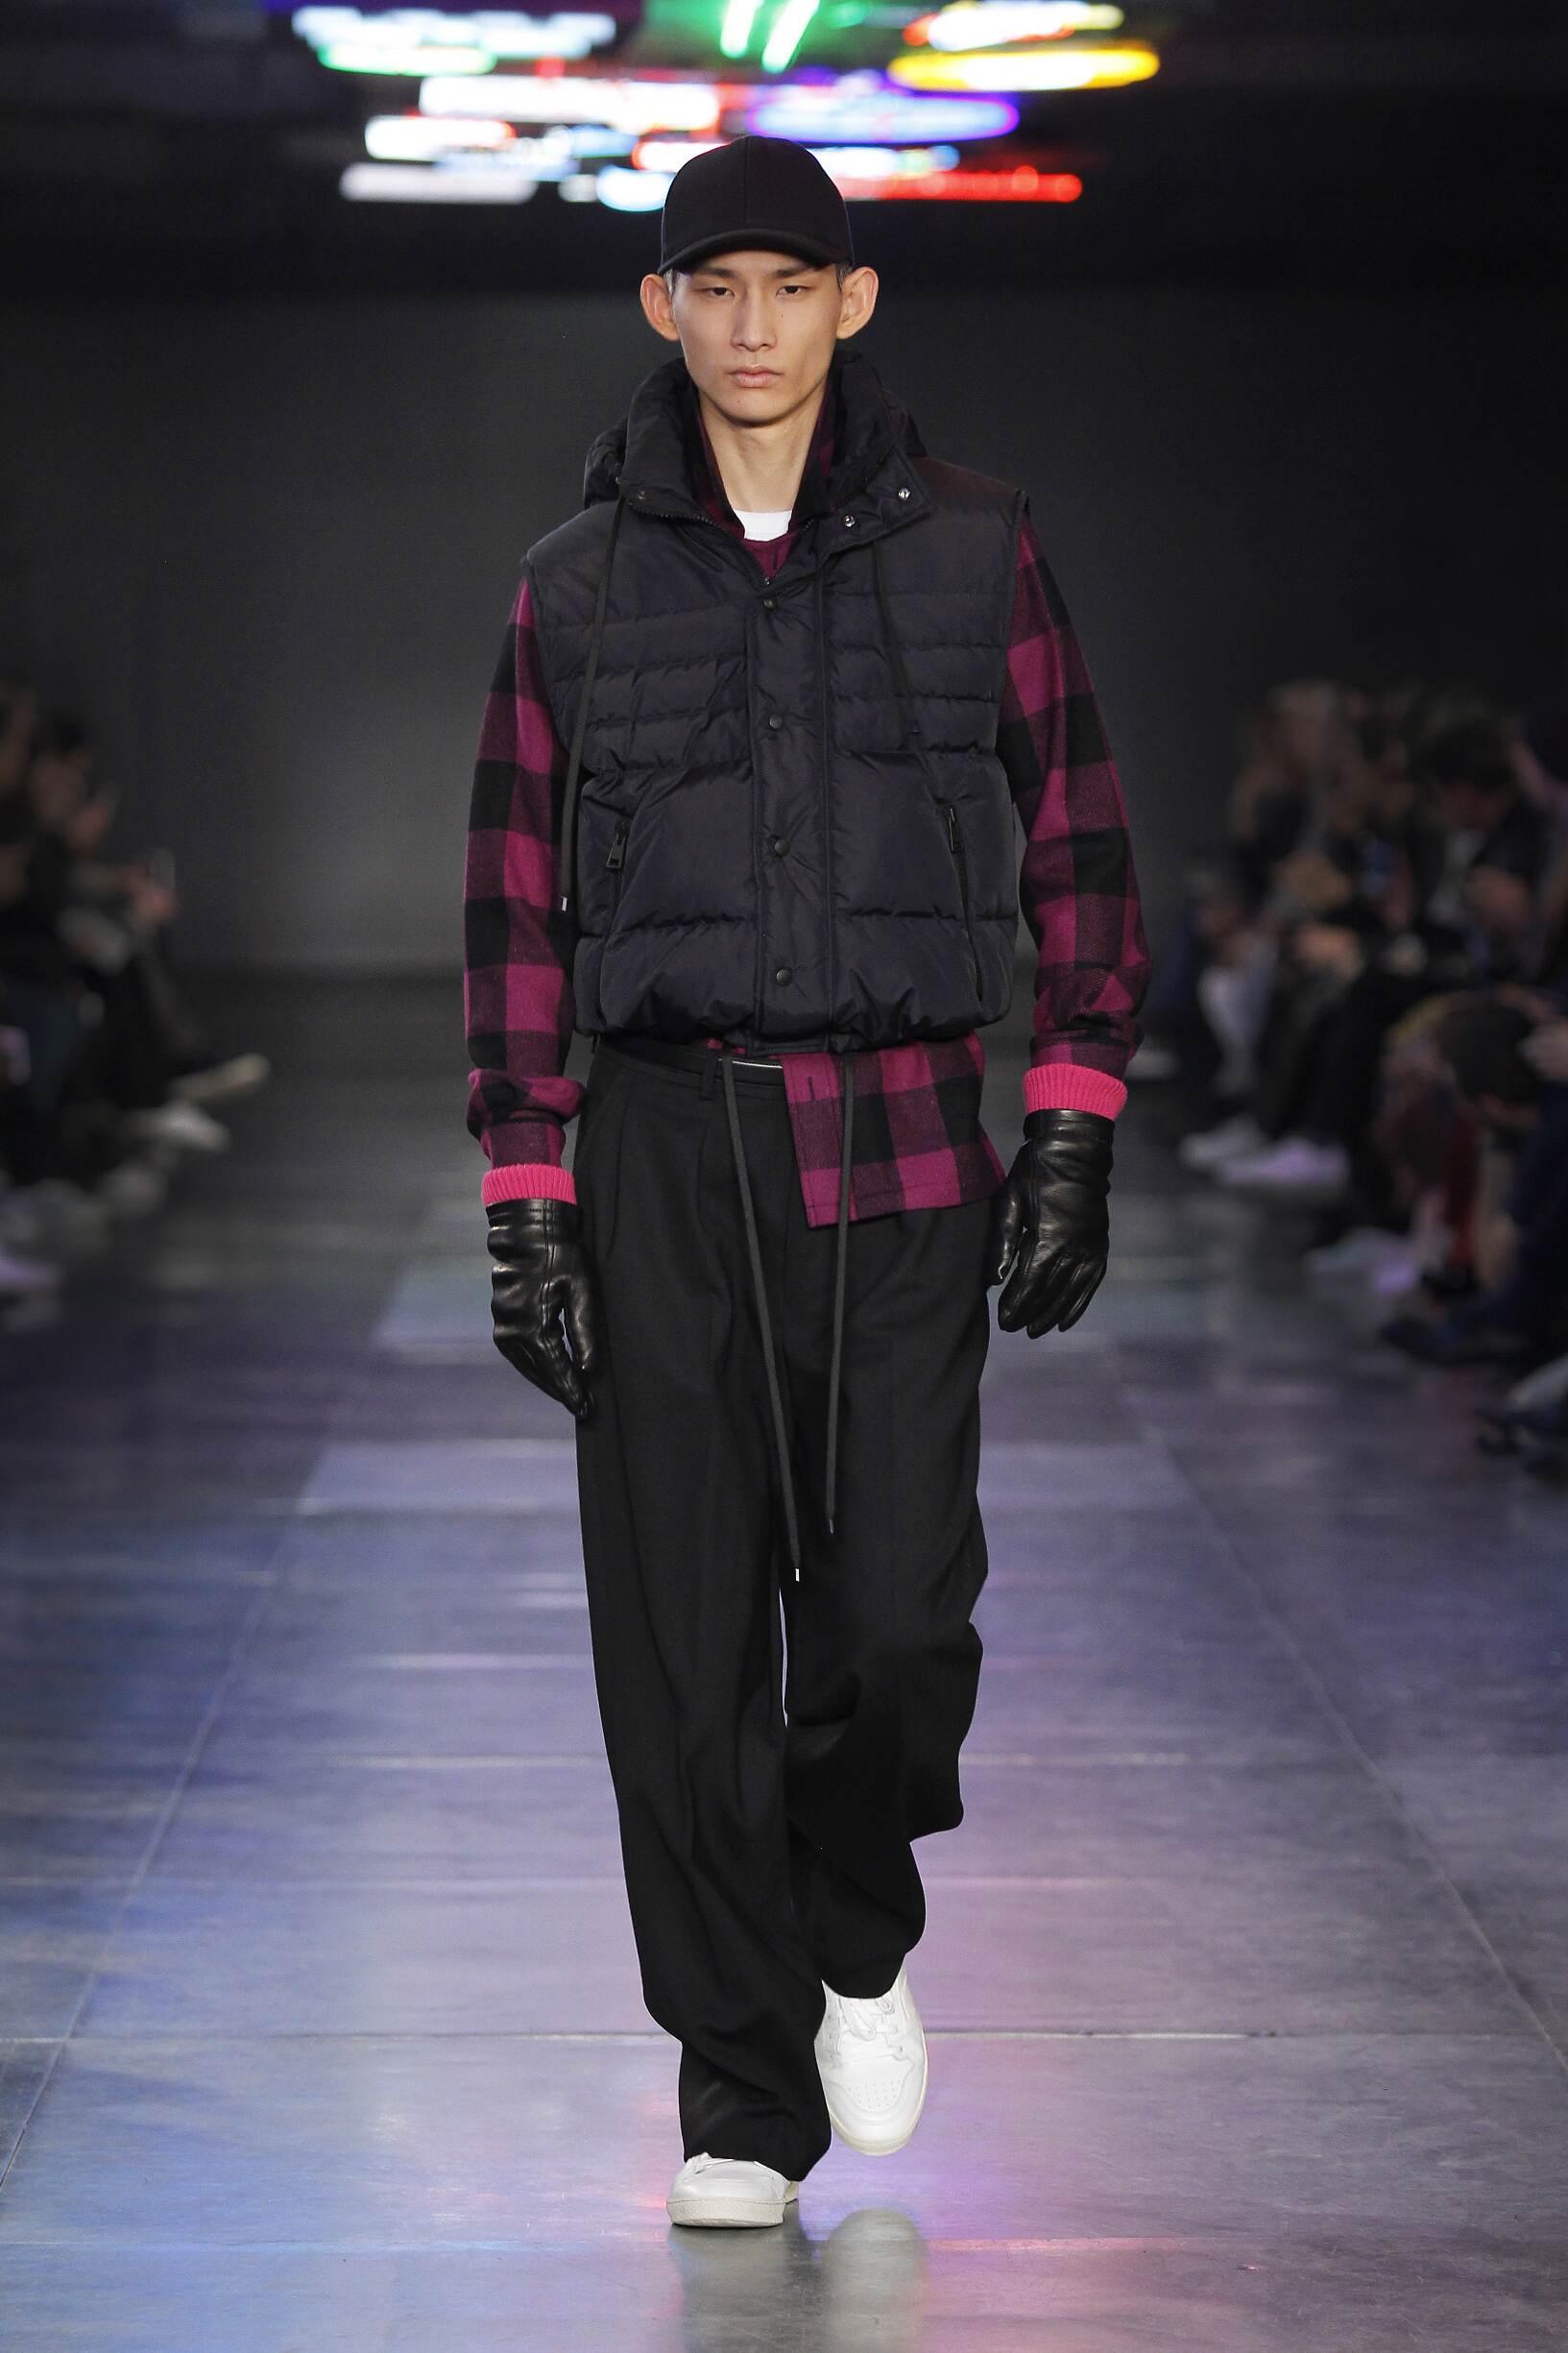 Ami FW 2017 Menswear